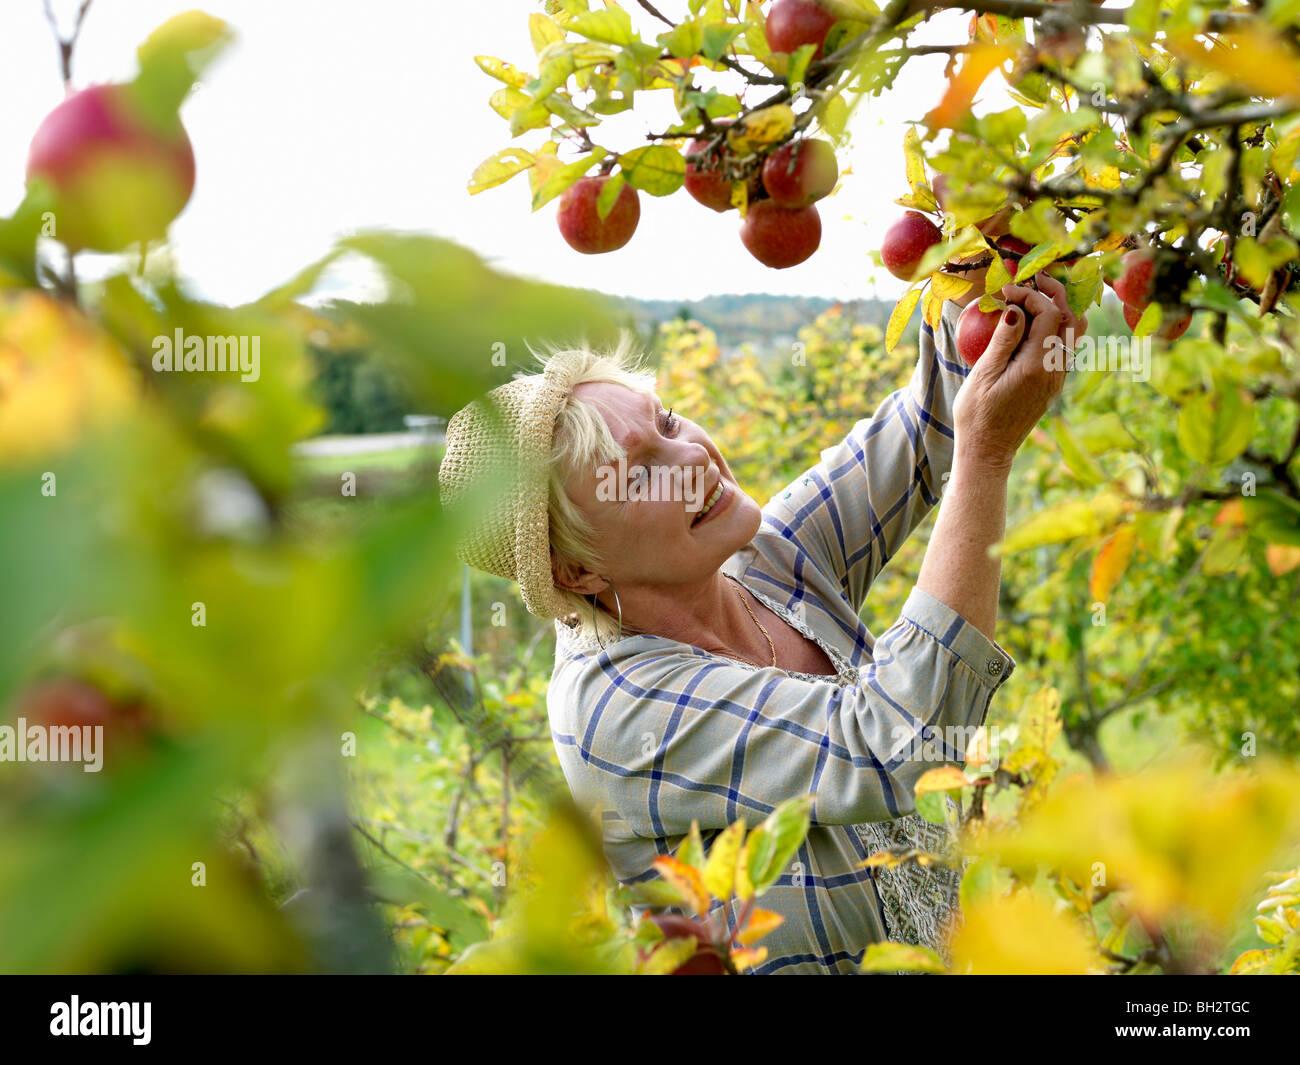 Donna matura la raccolta di mele Immagini Stock